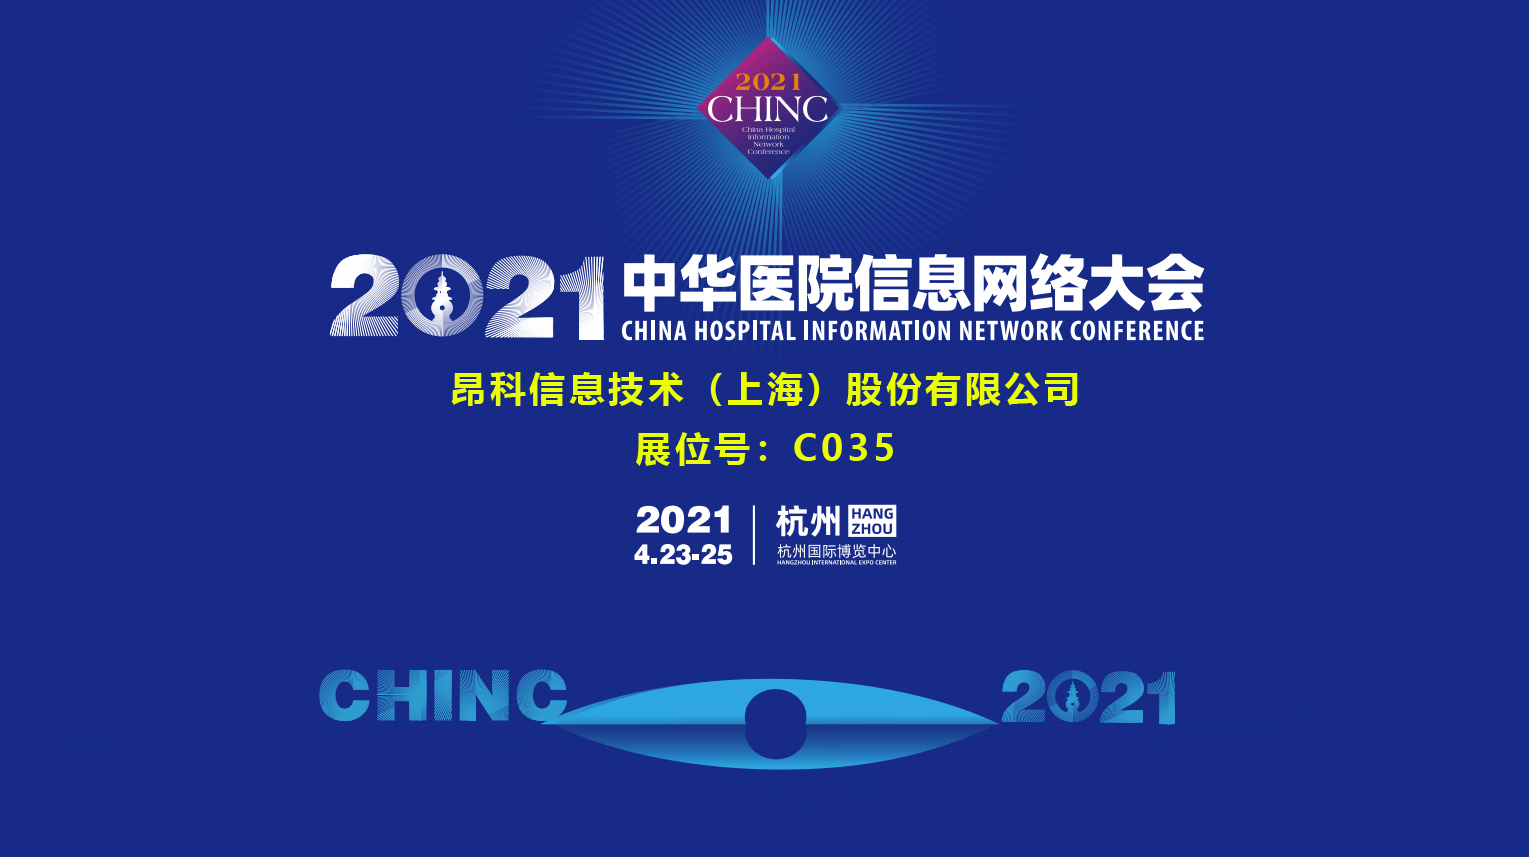 【活动预告】昂科信息诚邀您参加-2021杭州中华医院信息网络大会